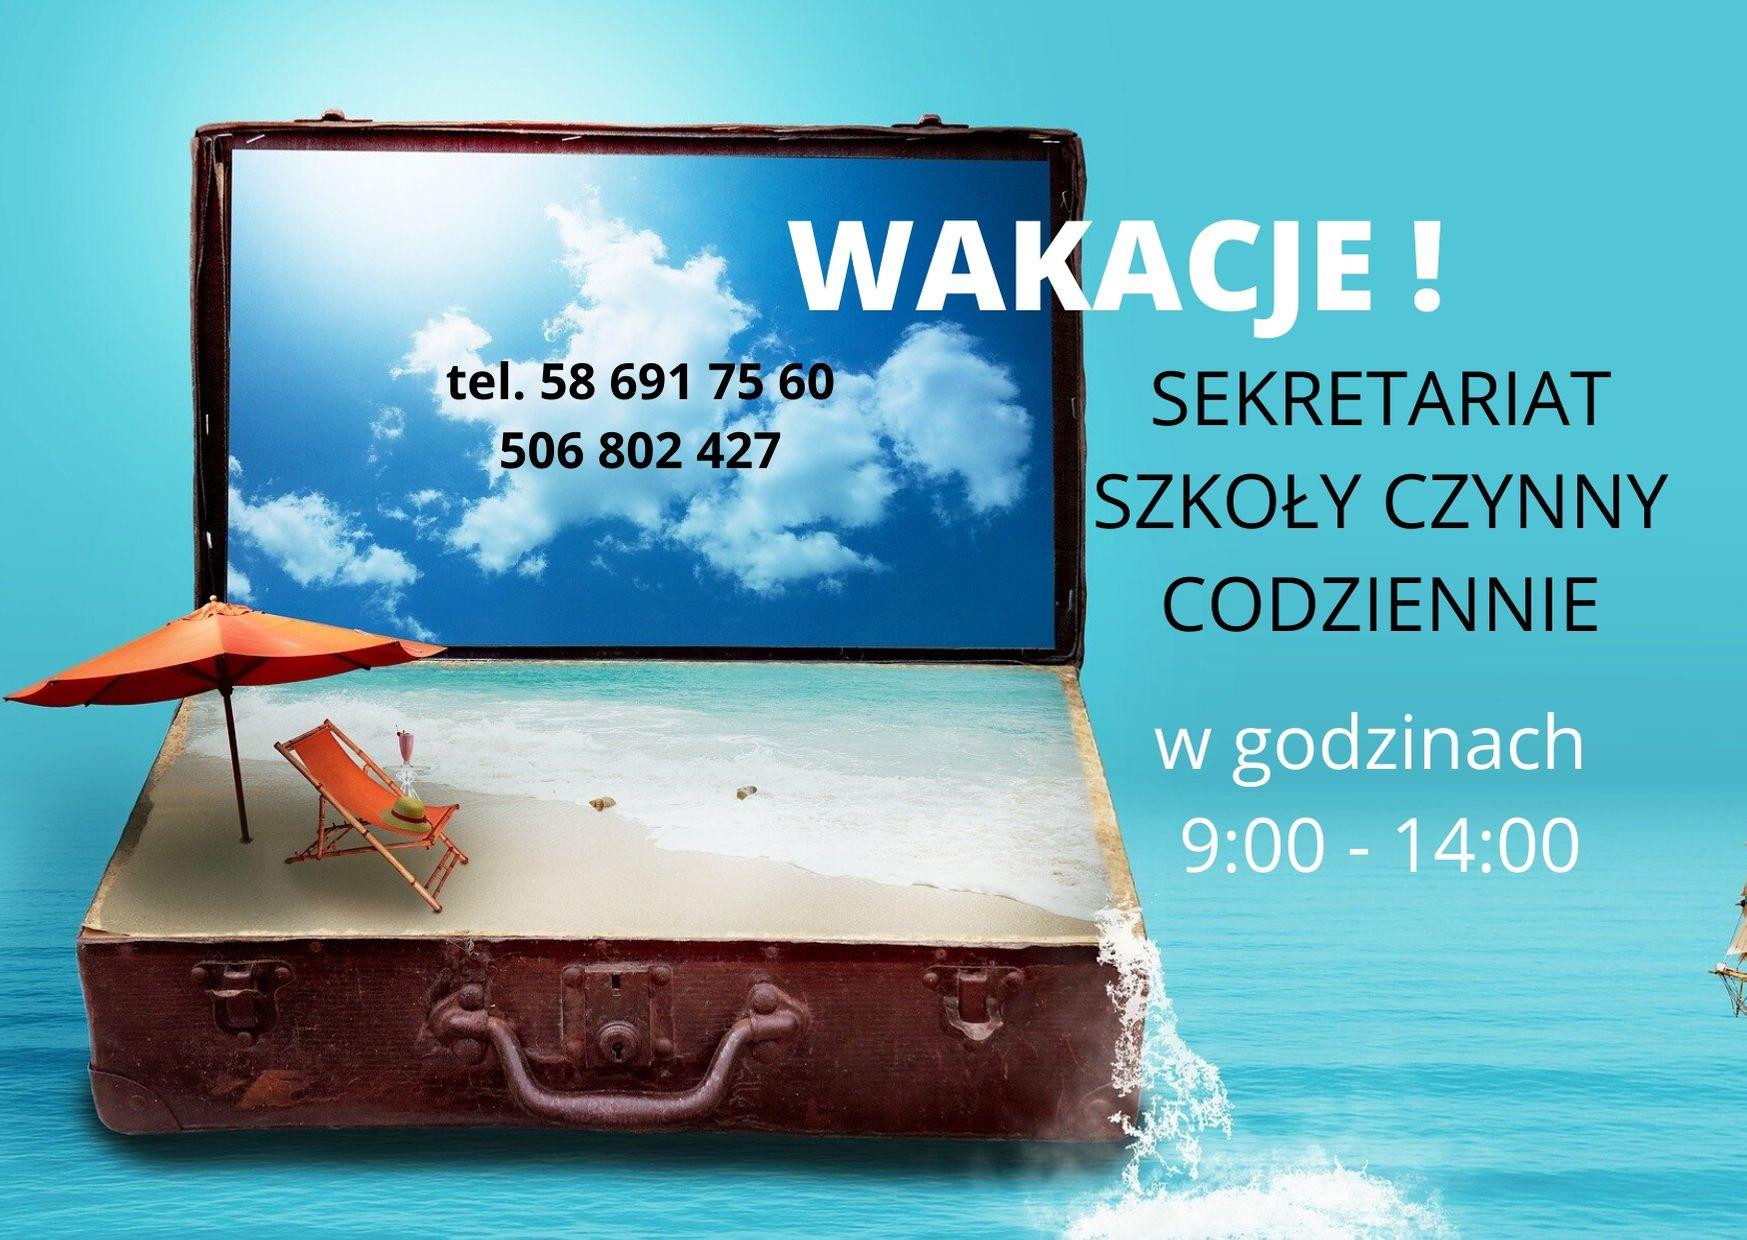 Sekretariat w czasie wakacji!